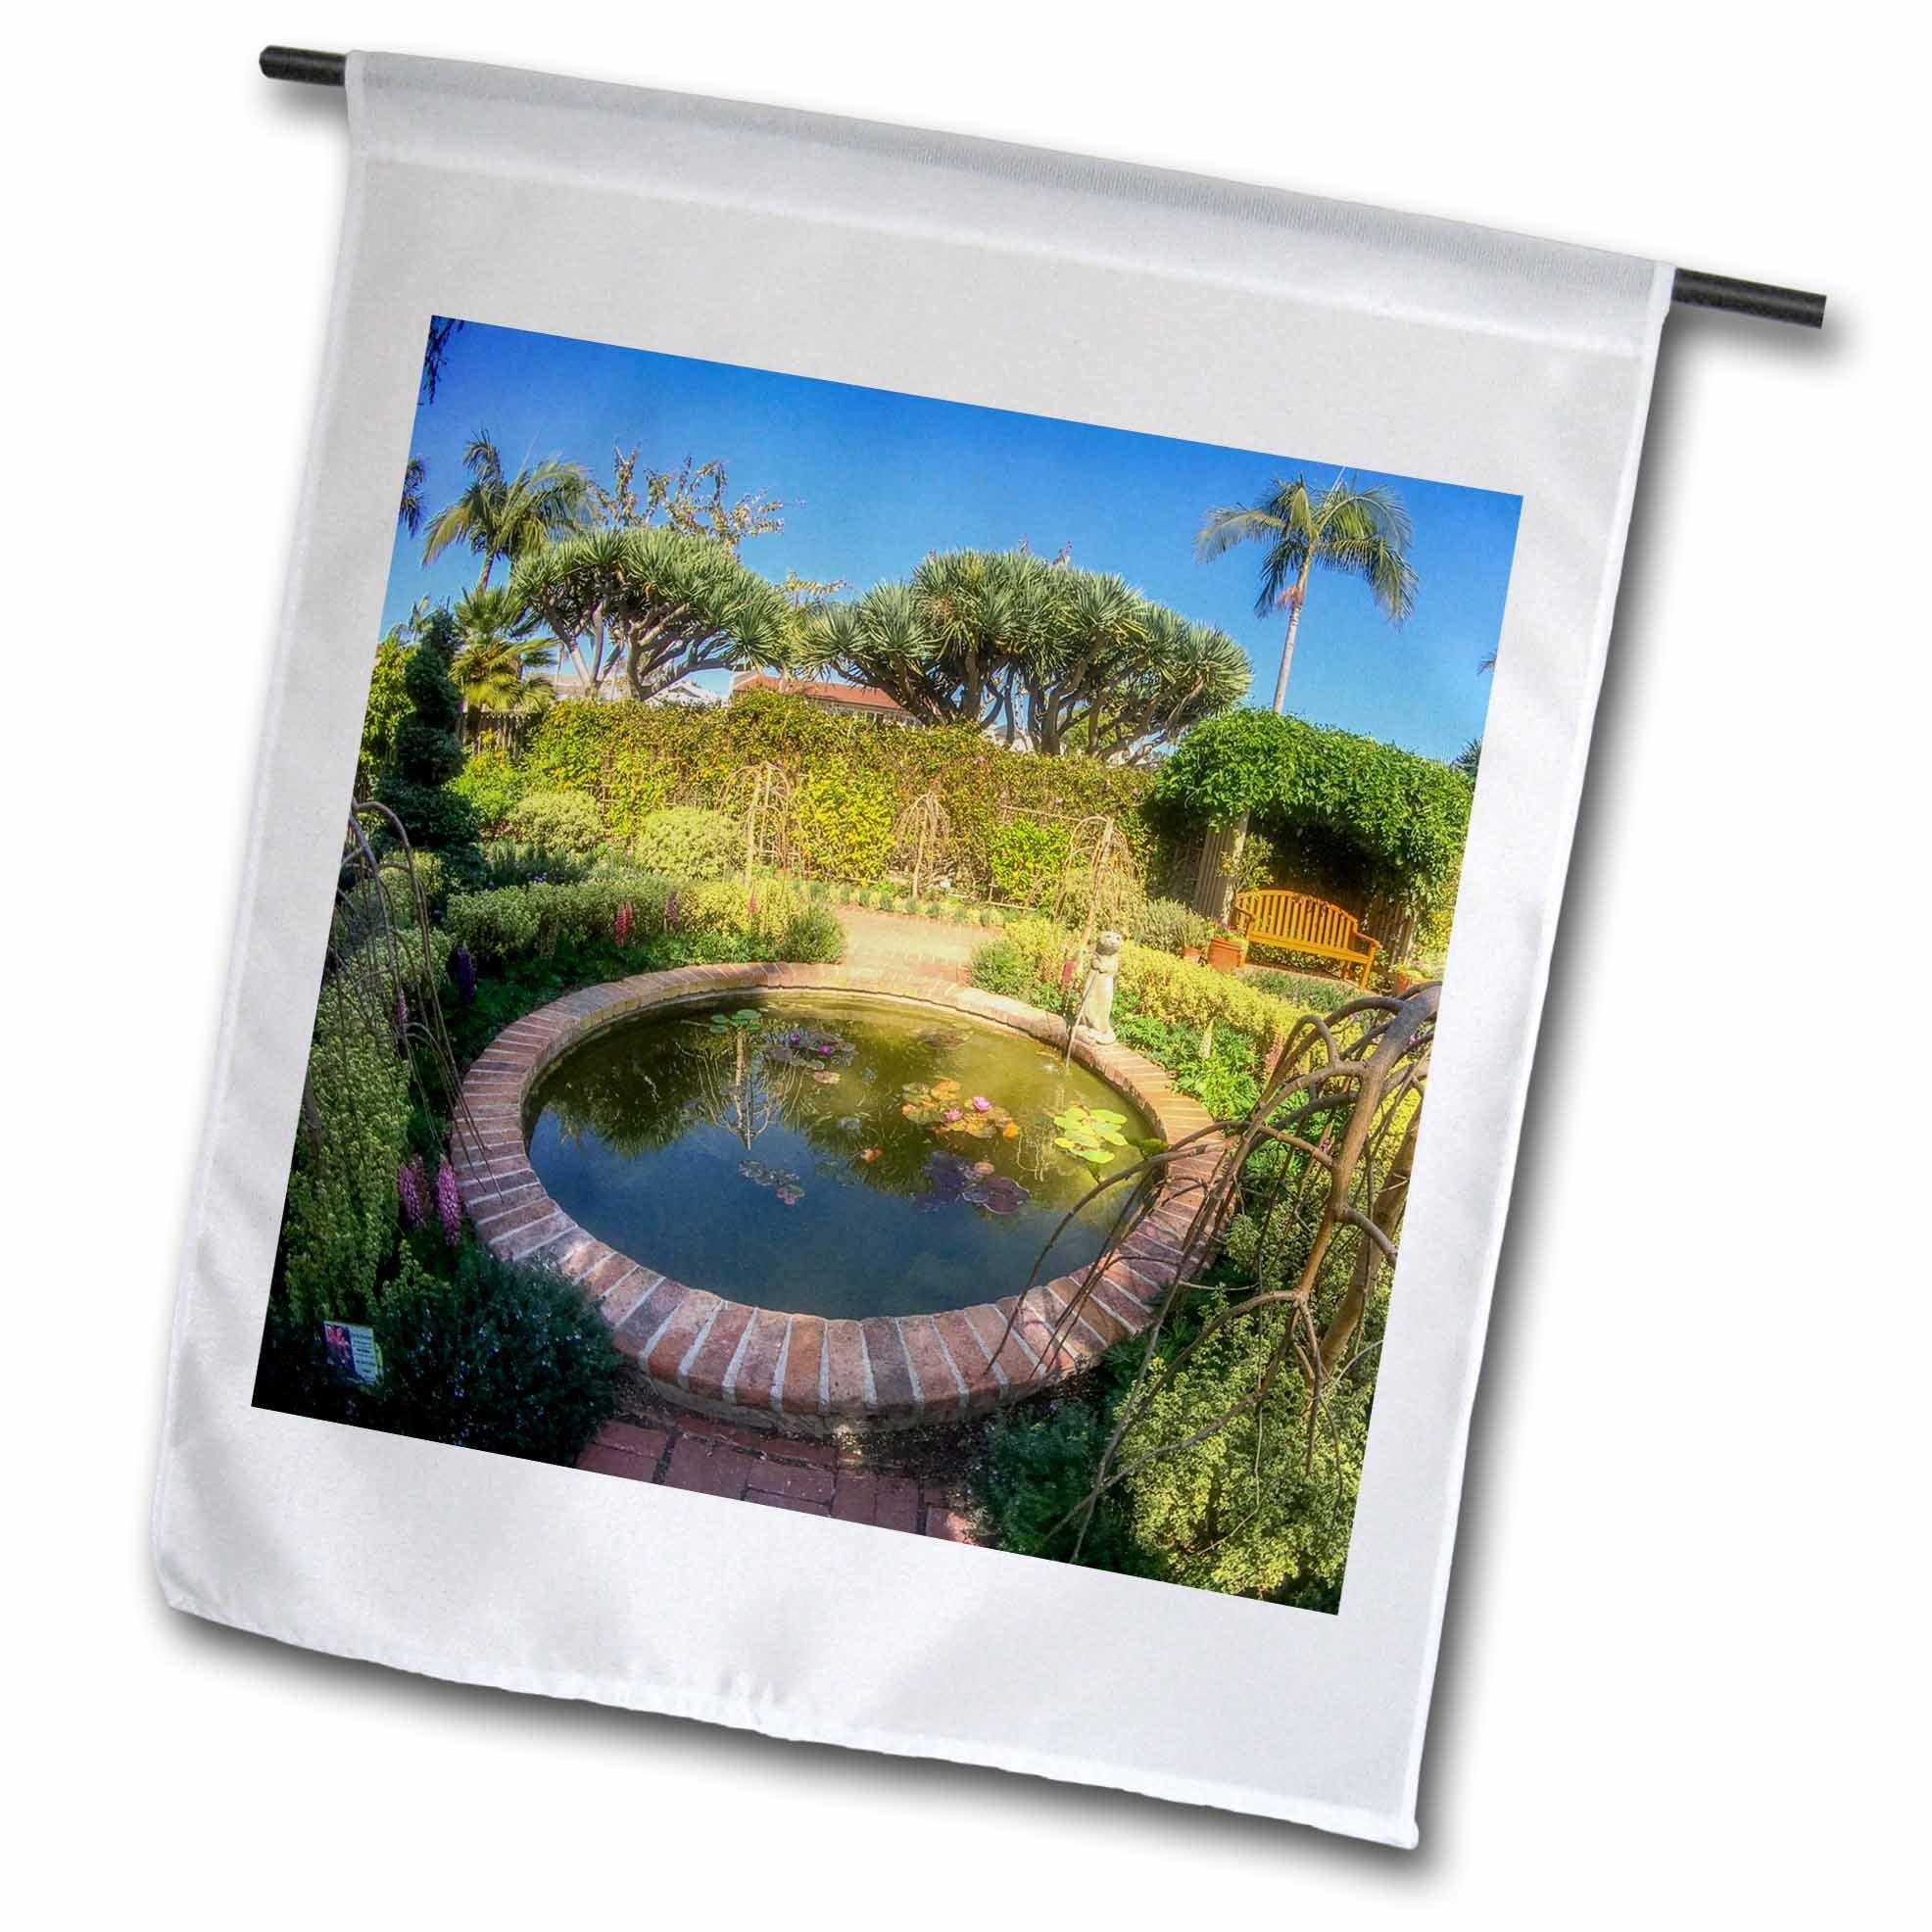 3dRose Boehm Photography Garden - Fountain and Garden - 18 x 27 inch Garden Flag (fl_282342_2)